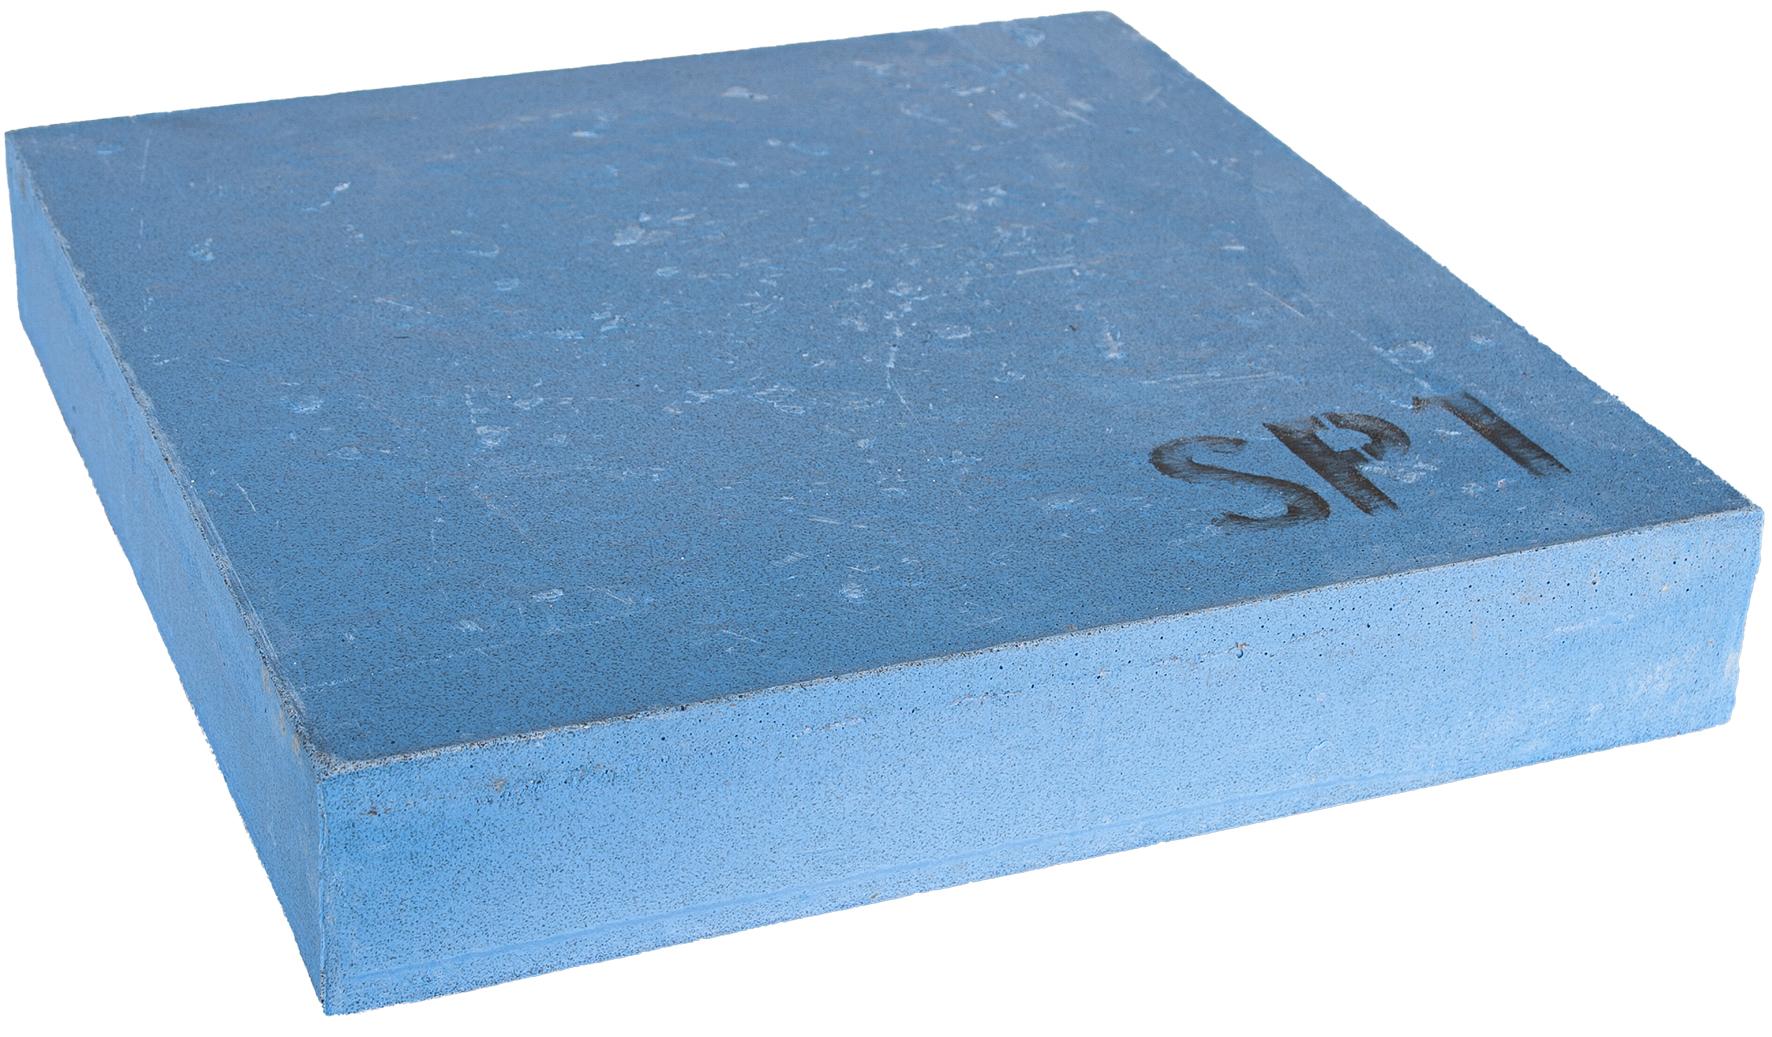 Schärfstein blau | 320x55x320mm